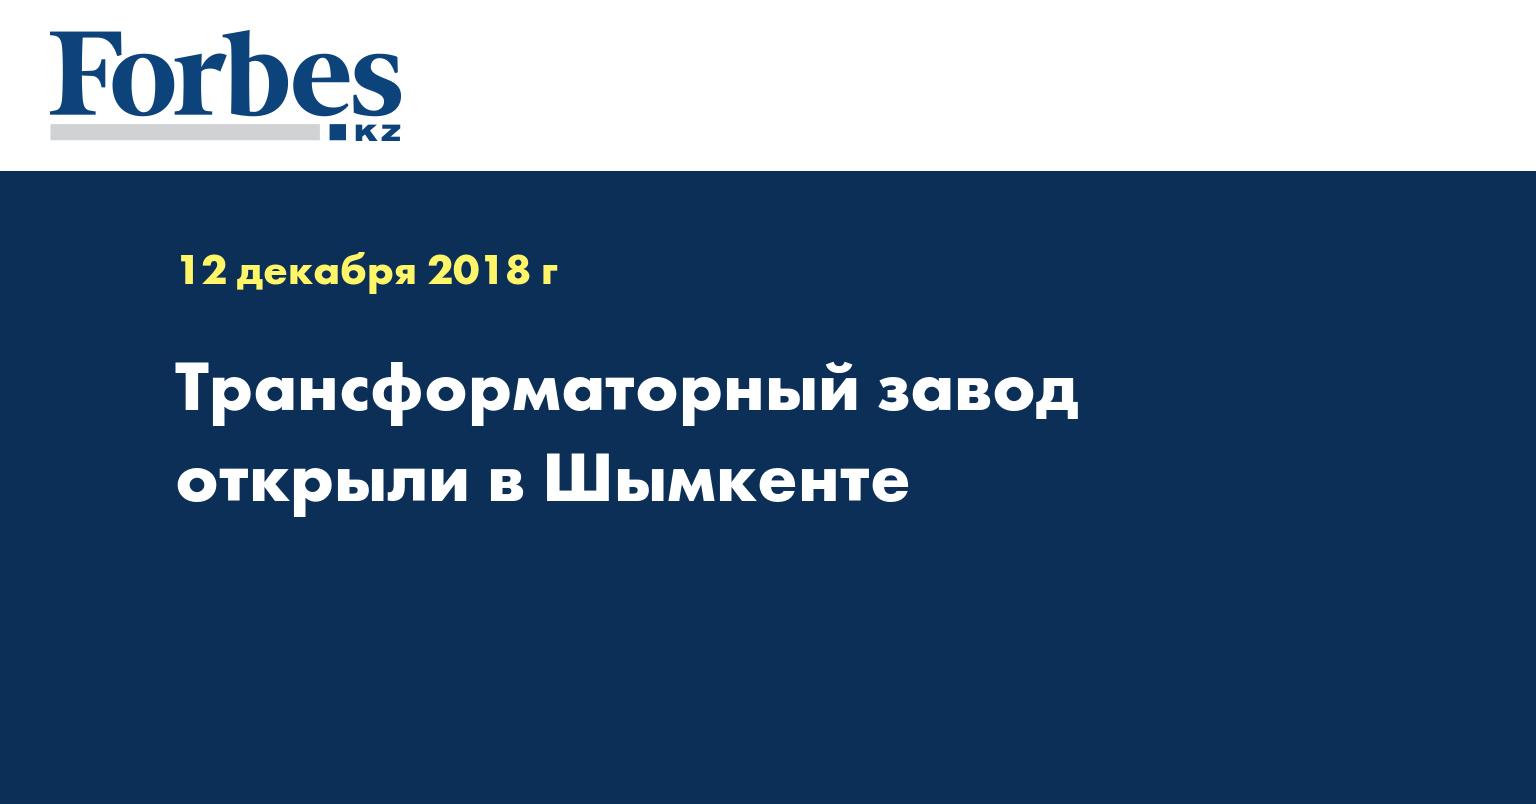 Трансформаторный завод открыли в Шымкенте